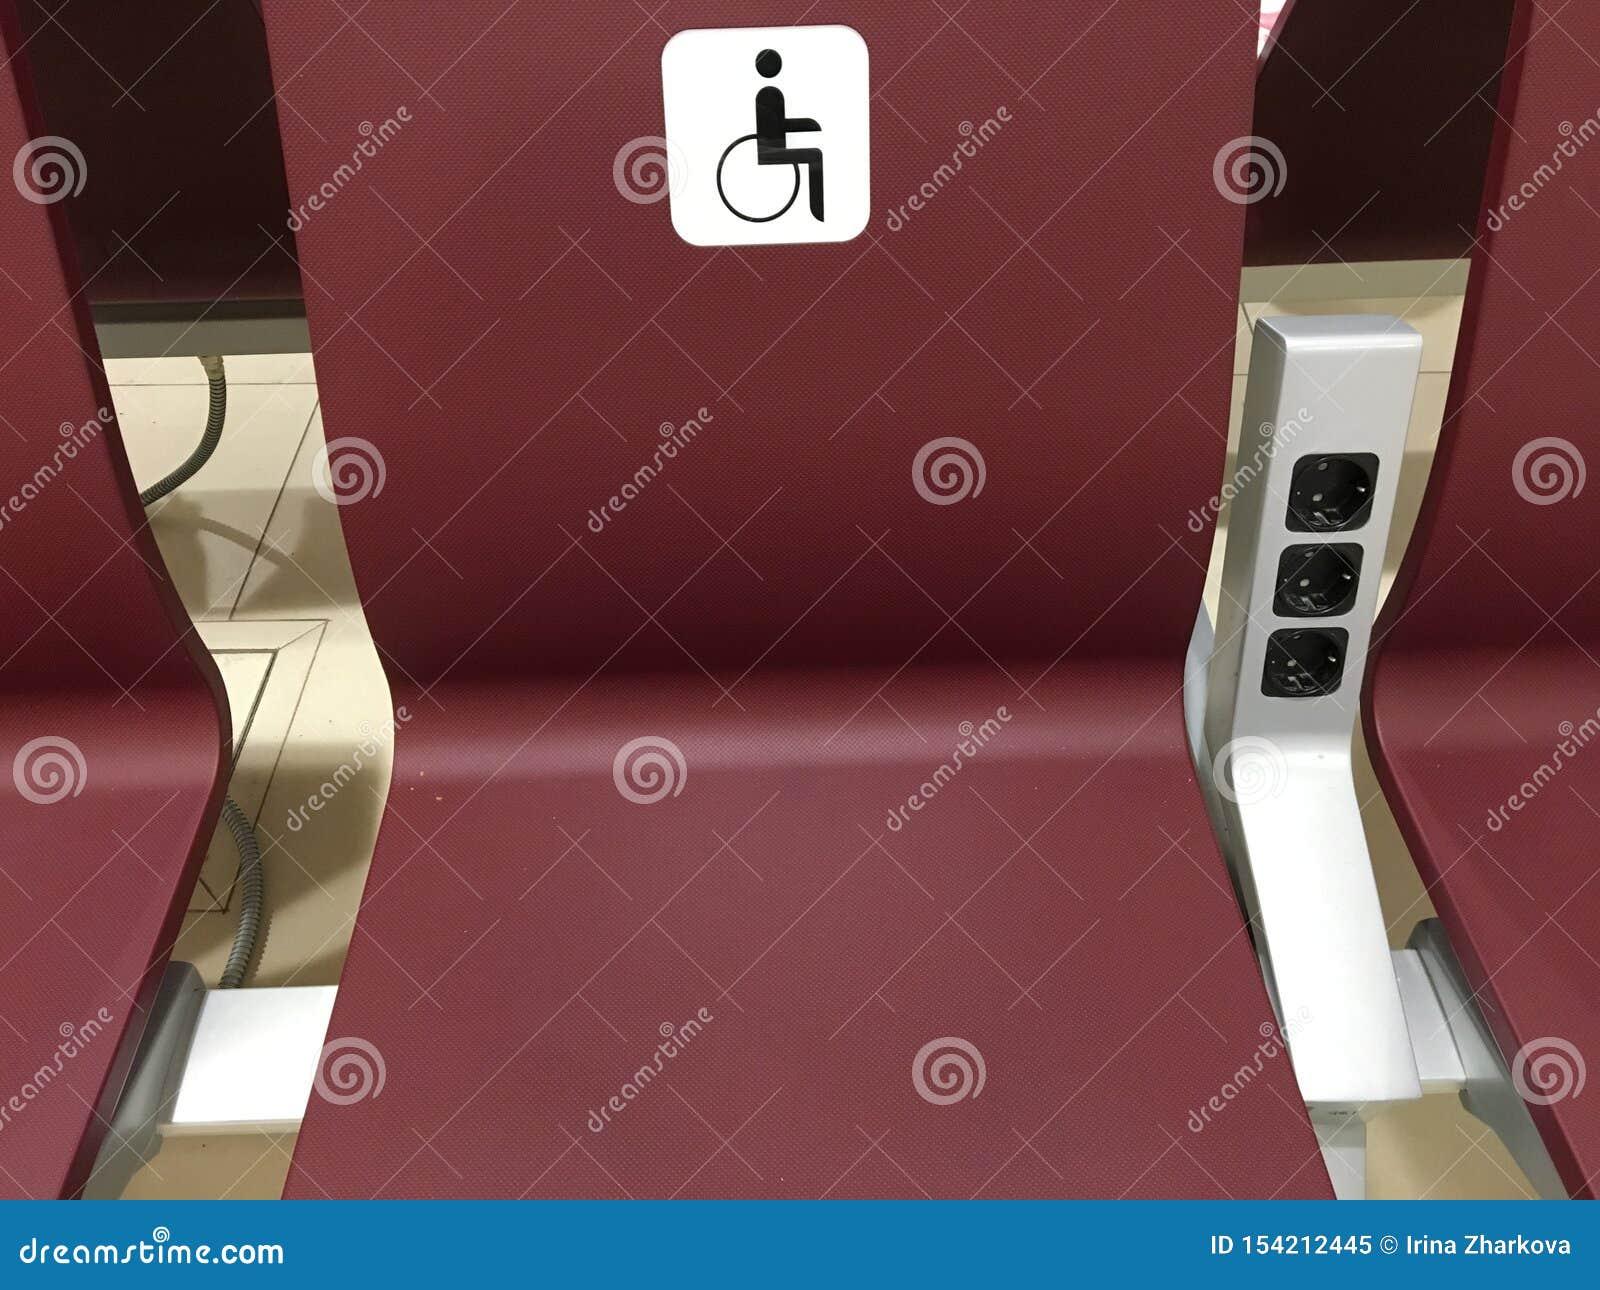 Ställe för ogiltigt platser för handikappade personer, stolar i korridoren för specialt folk